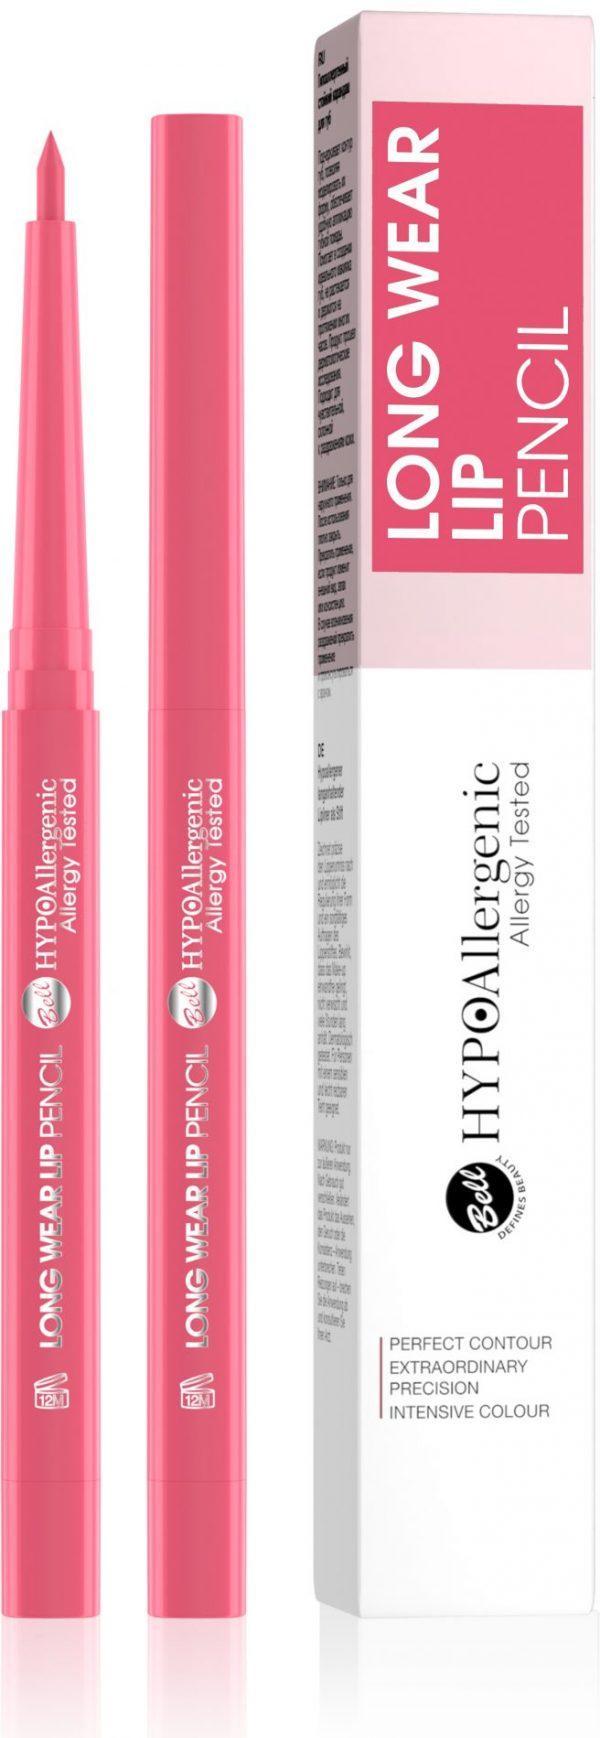 HYPOAllergenic Long Wear Lip Pencil 05 Fuchsia